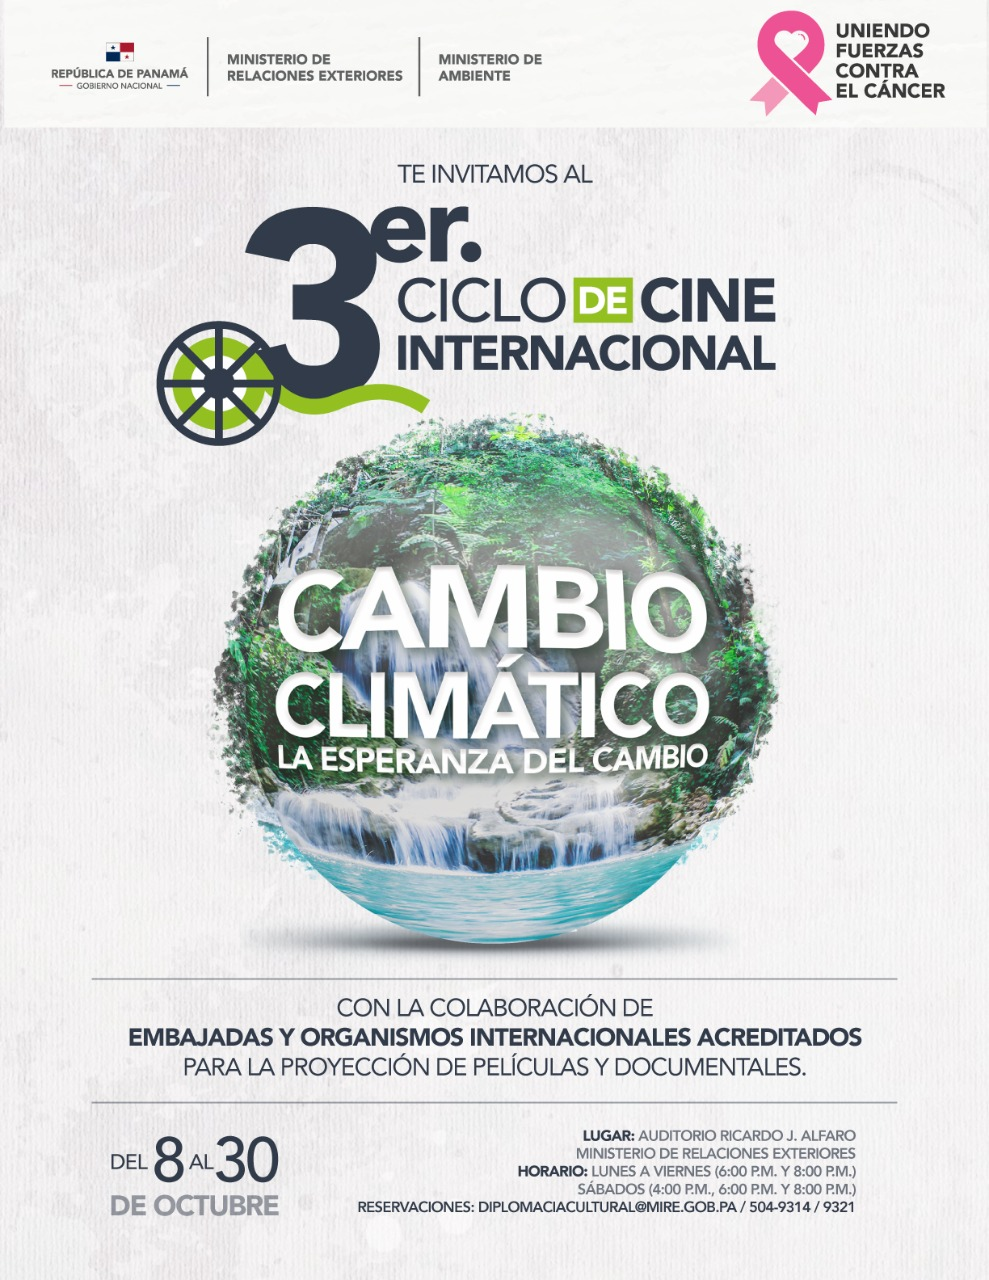 El Ministerio de Relaciones Exteriores lanza tercera versión de ciclo de cine internacional